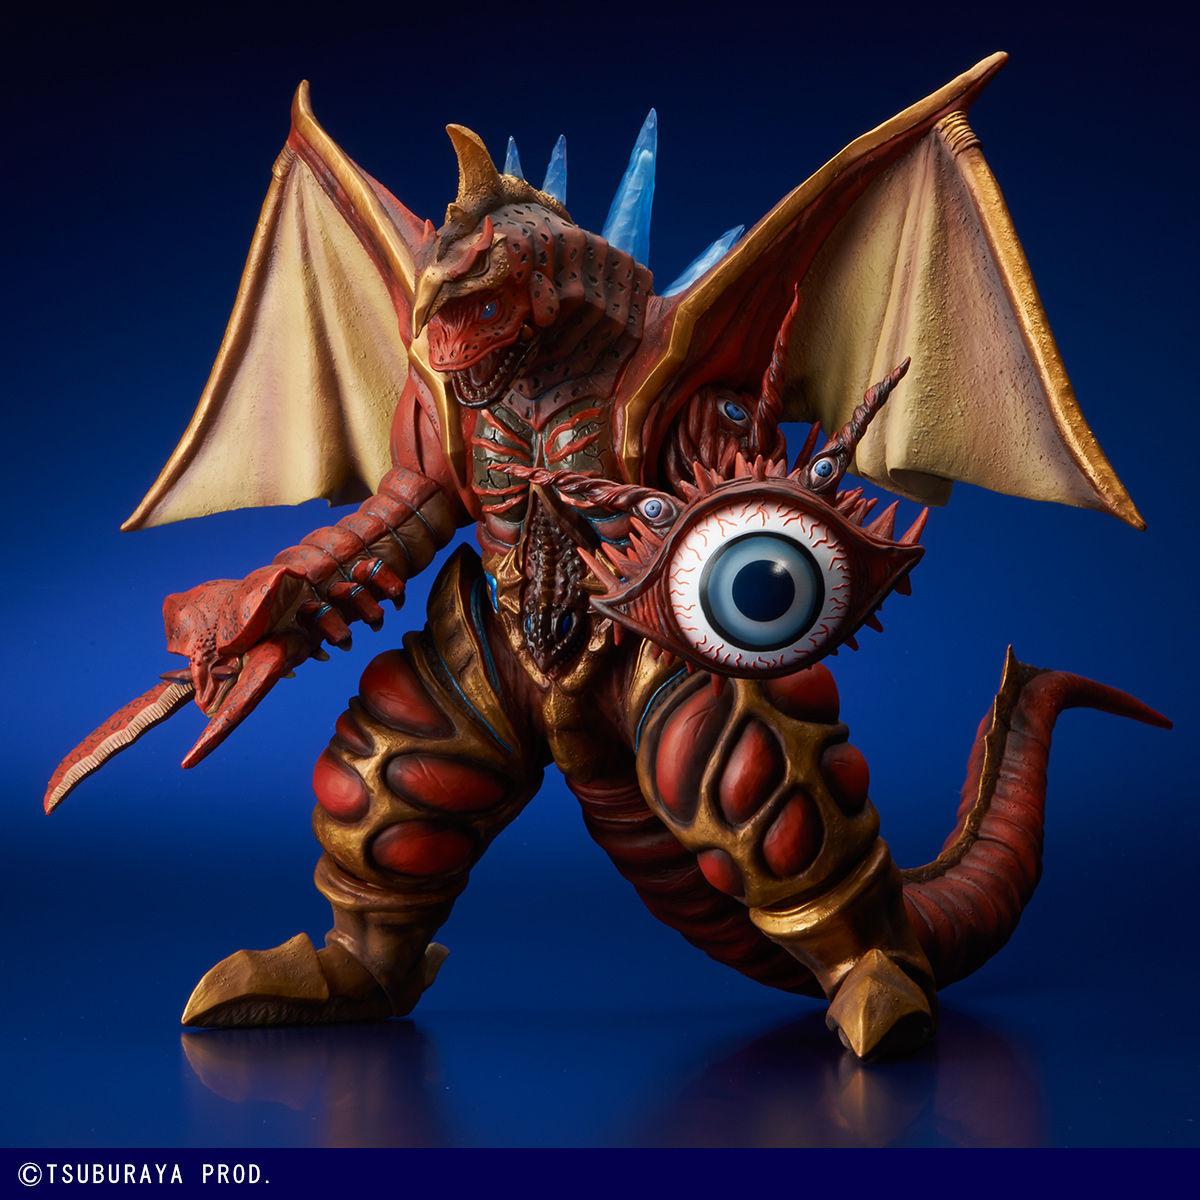 大怪獣シリーズ ULTRA NEW GENERATION『ファイブキング(発光Ver.)』ウルトラマンギンガS 完成品フィギュア-001